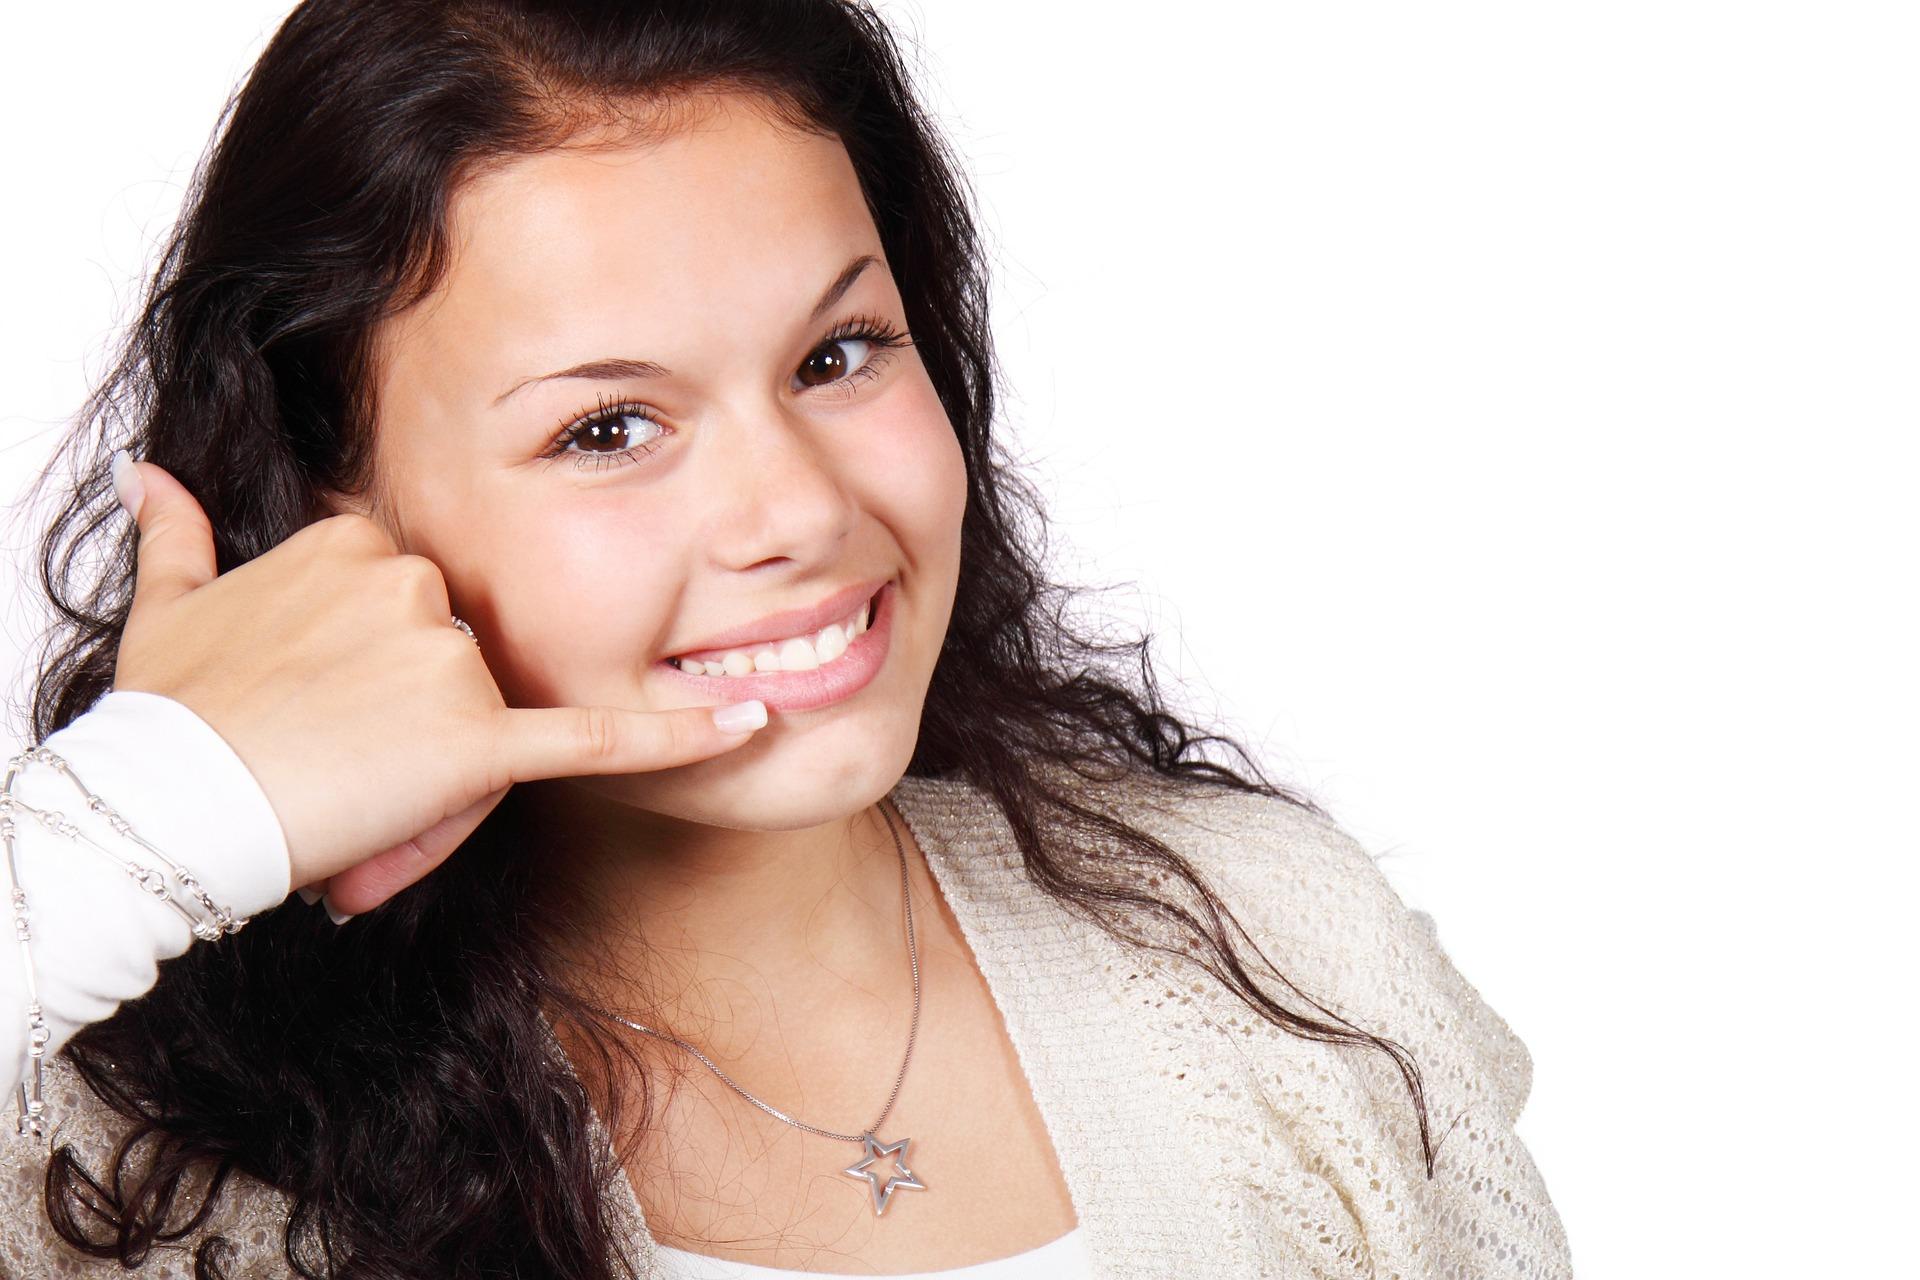 30 Sekunden Gespräch Kaltakquise Akquise Kundengewinnung Entscheider Kommunikation akquirieren Gesprächspartner Elevator Pitch los gehts